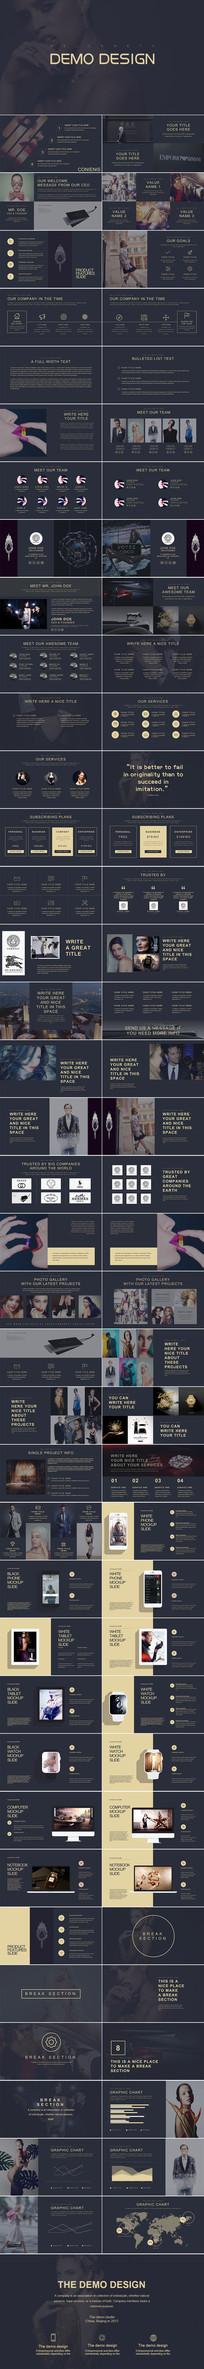 高端时尚品牌宣传营销产品介绍PPT模板